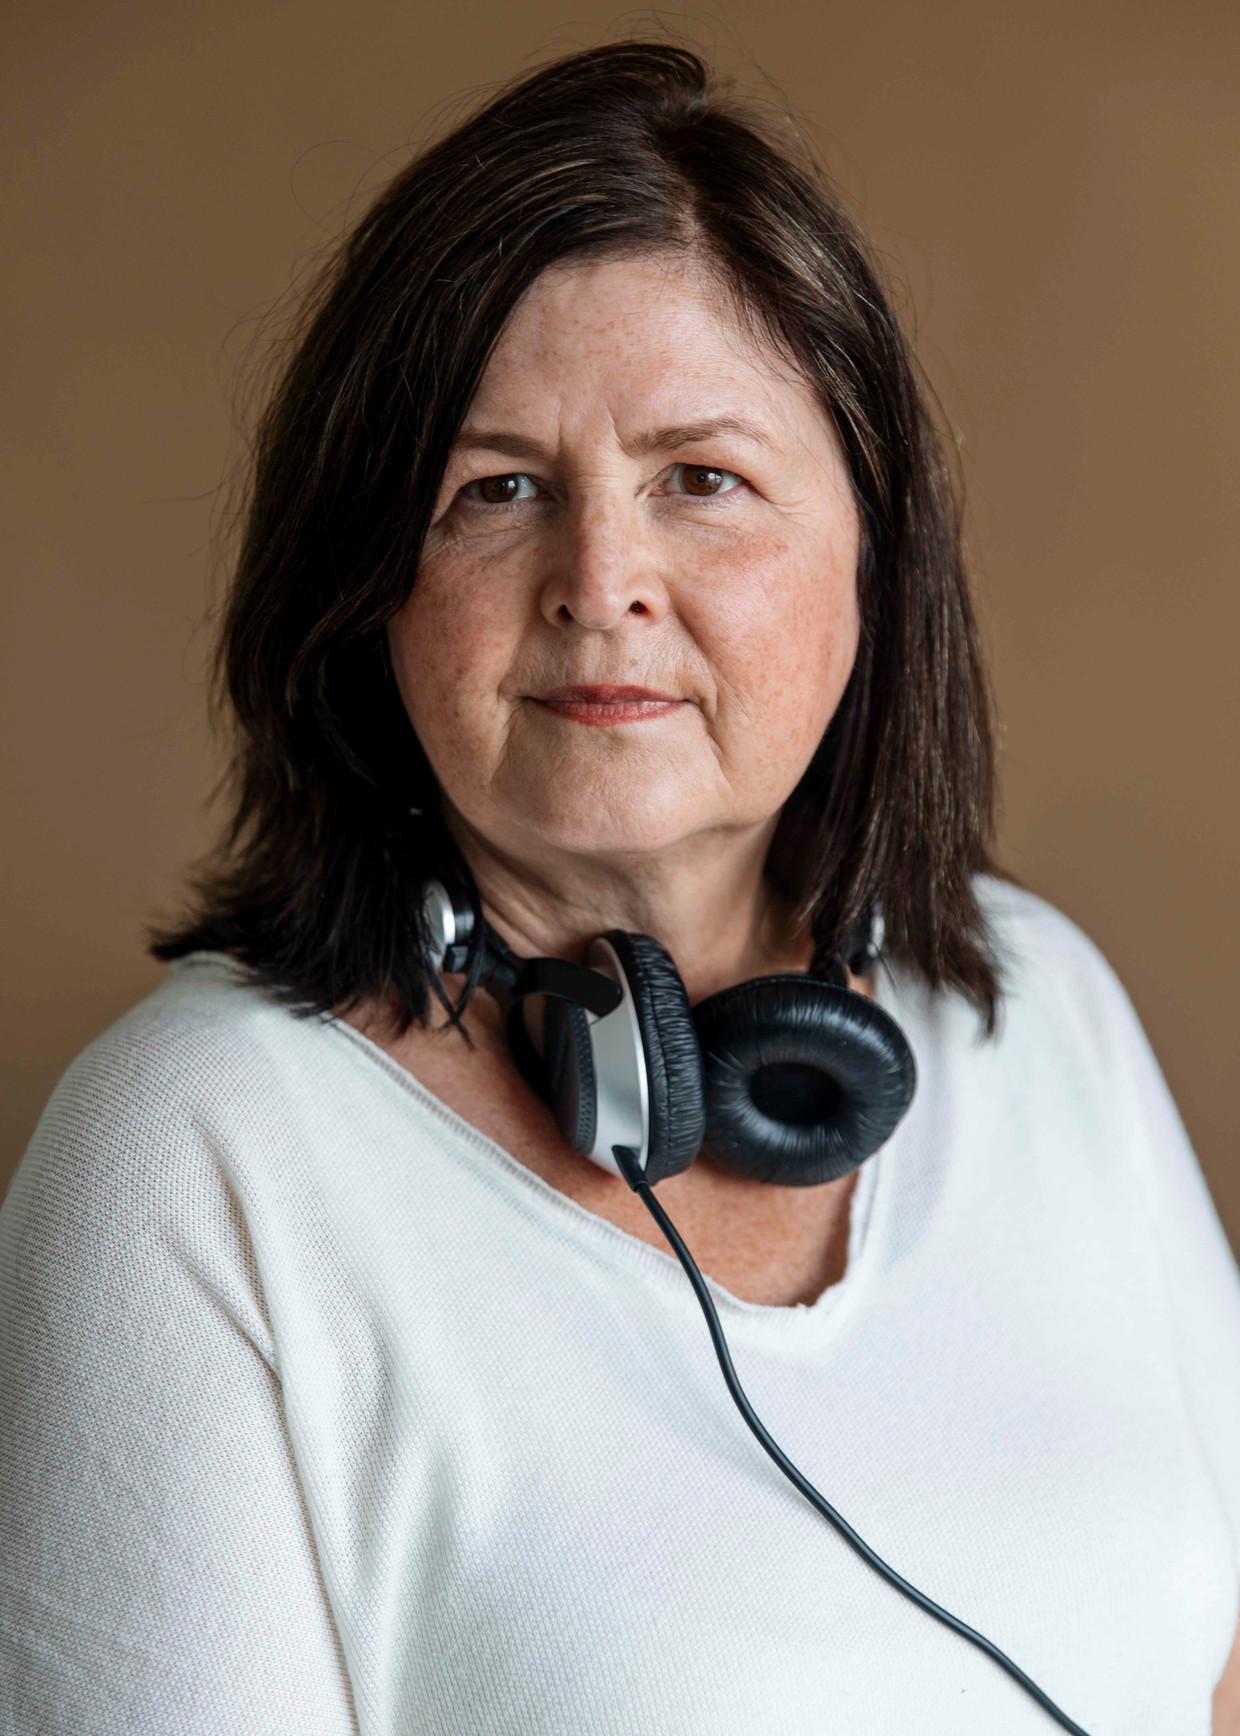 """Saskia Laval: 'Laval: """"Ik wil niet respectloos zijn, maar ik kan zo tot mijn tachtigste doorgaan.' Beeld Lin Woldendorp"""